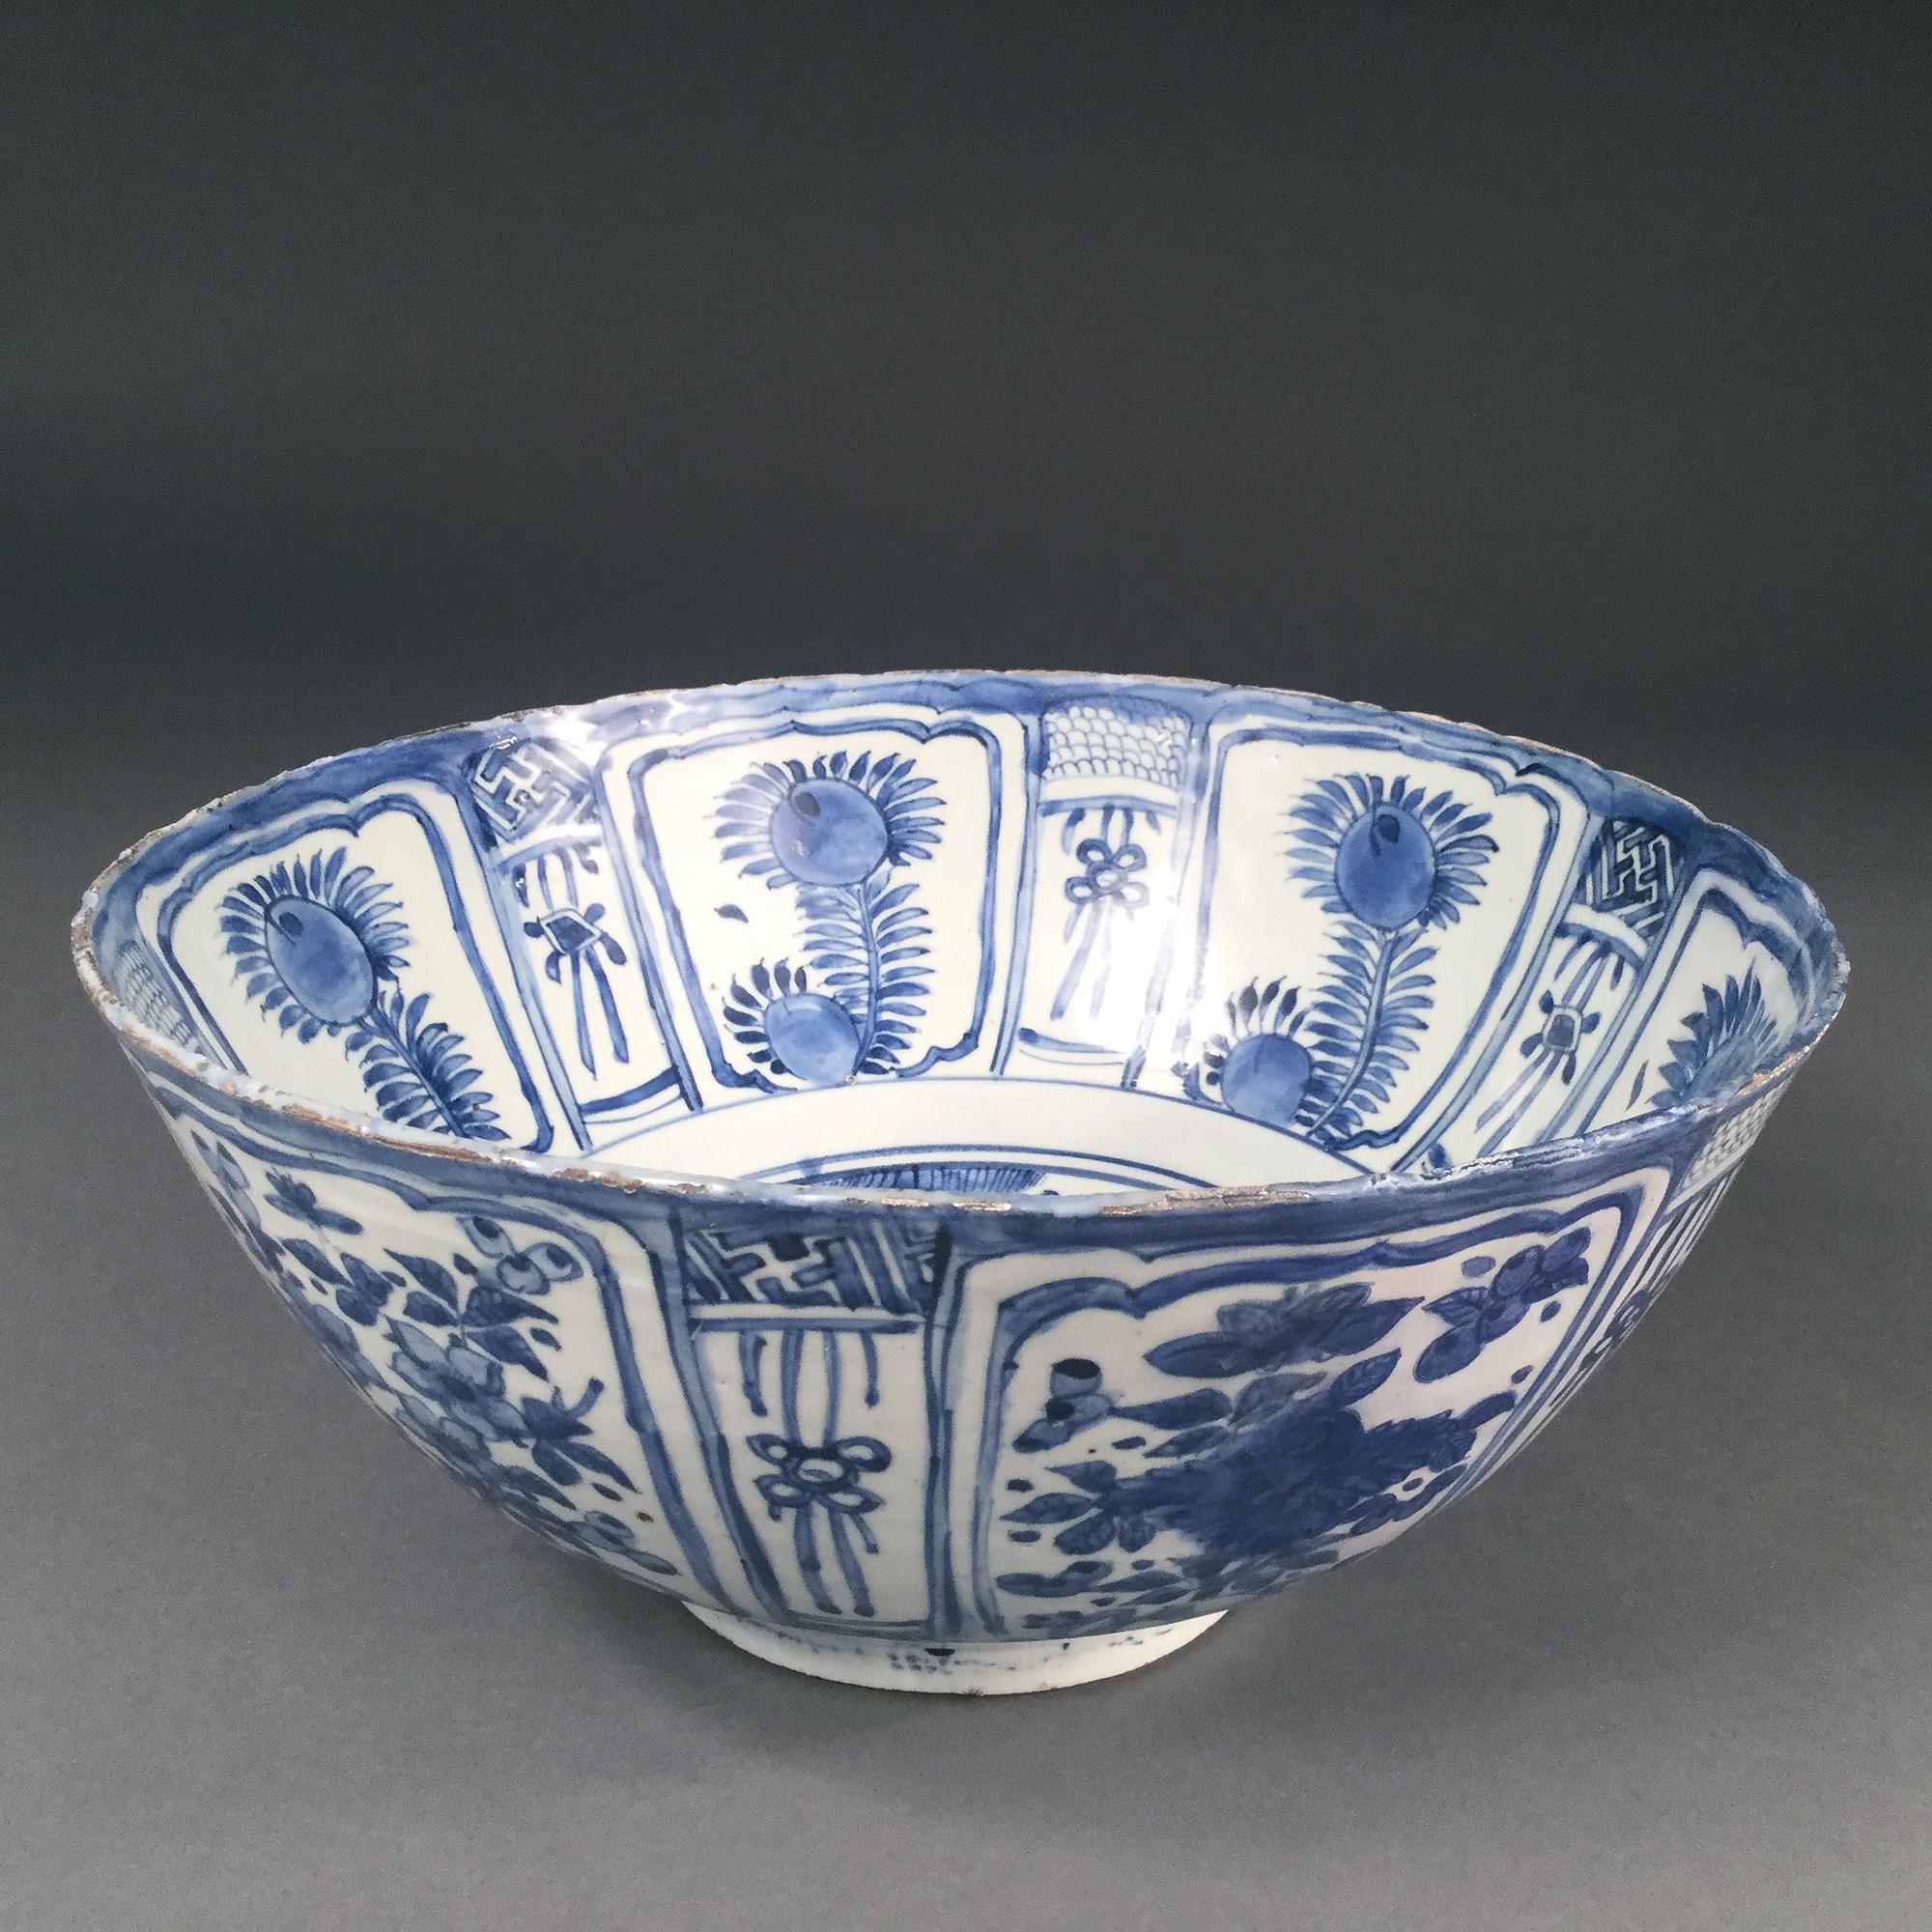 VENDU:SOLD Chine, Bol en porcelaine, époque Ming, règne de Wanli (1573-1619)